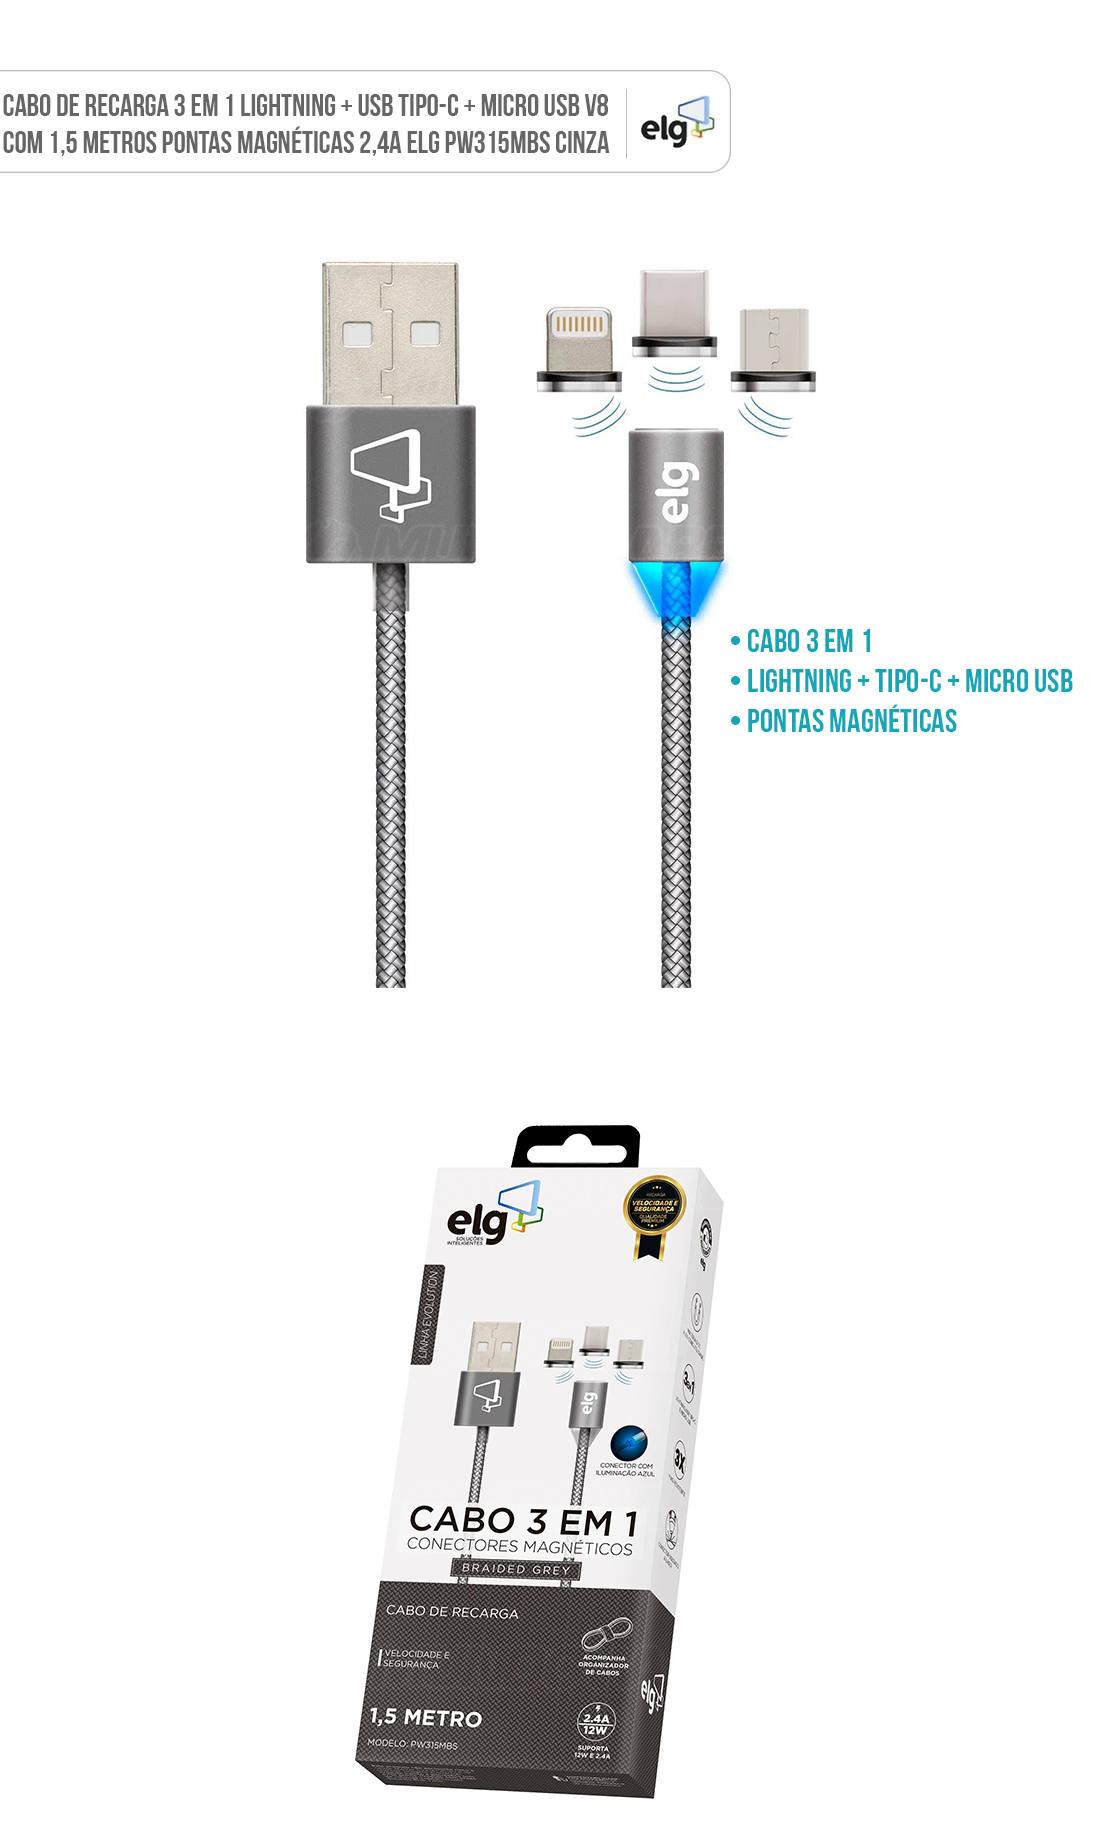 Cabo de Recarga 3 em 1 Lightning + USB Tipo-C + Micro USB V8 com 1,5 metros Pontas Magnéticas 2,4A ELG PW315MBS